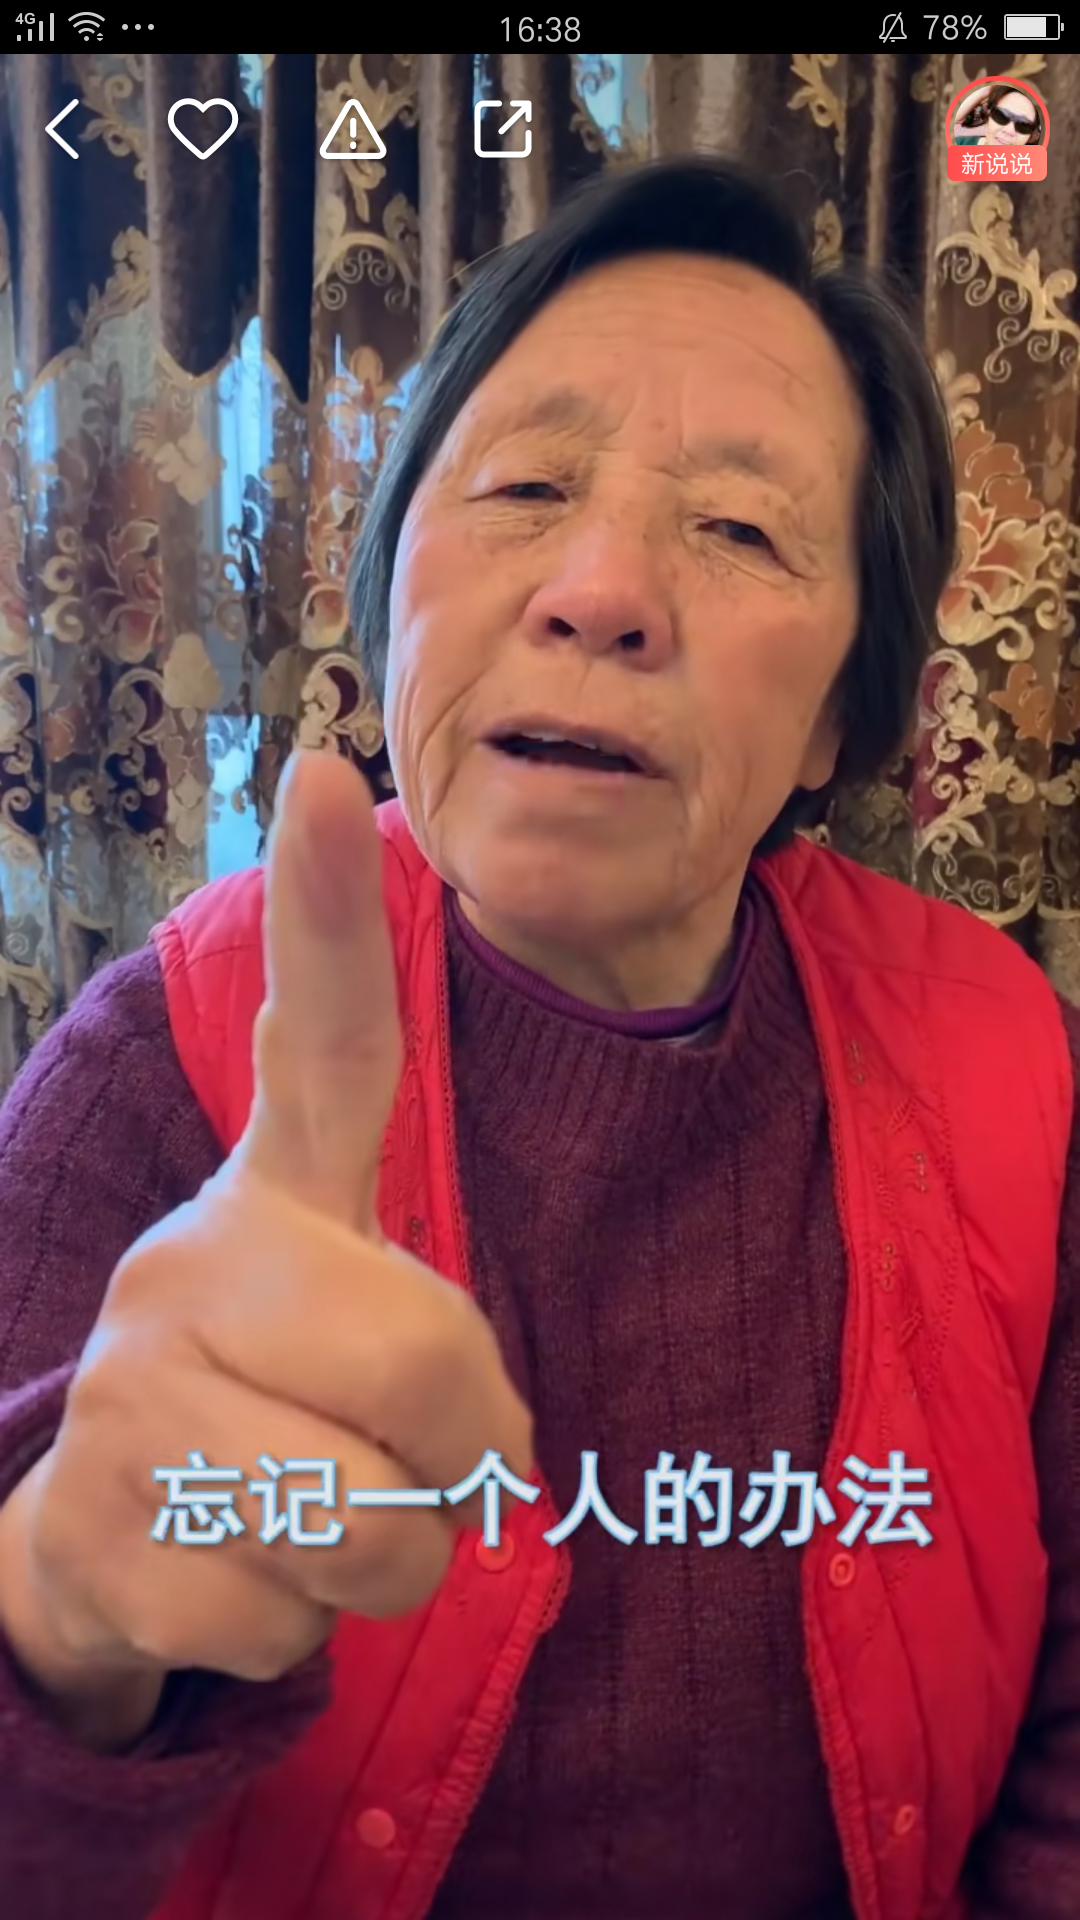 68岁四川农村姑婆成快手情感大师?